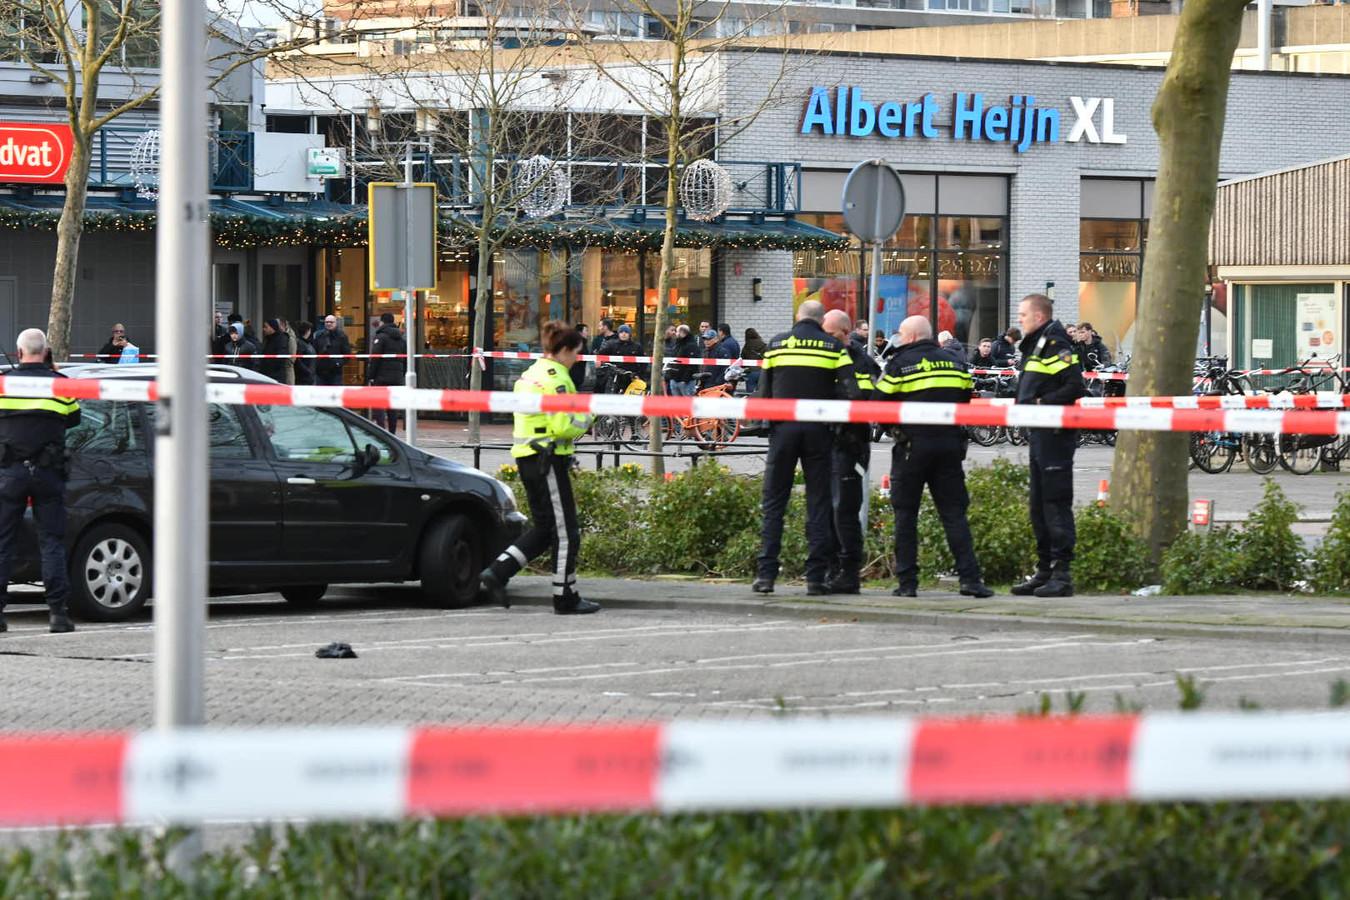 De afgezette Seinedreef nadat de politie daar meerdere schoten had gelost op vluchtende verdachten van een autokraak.